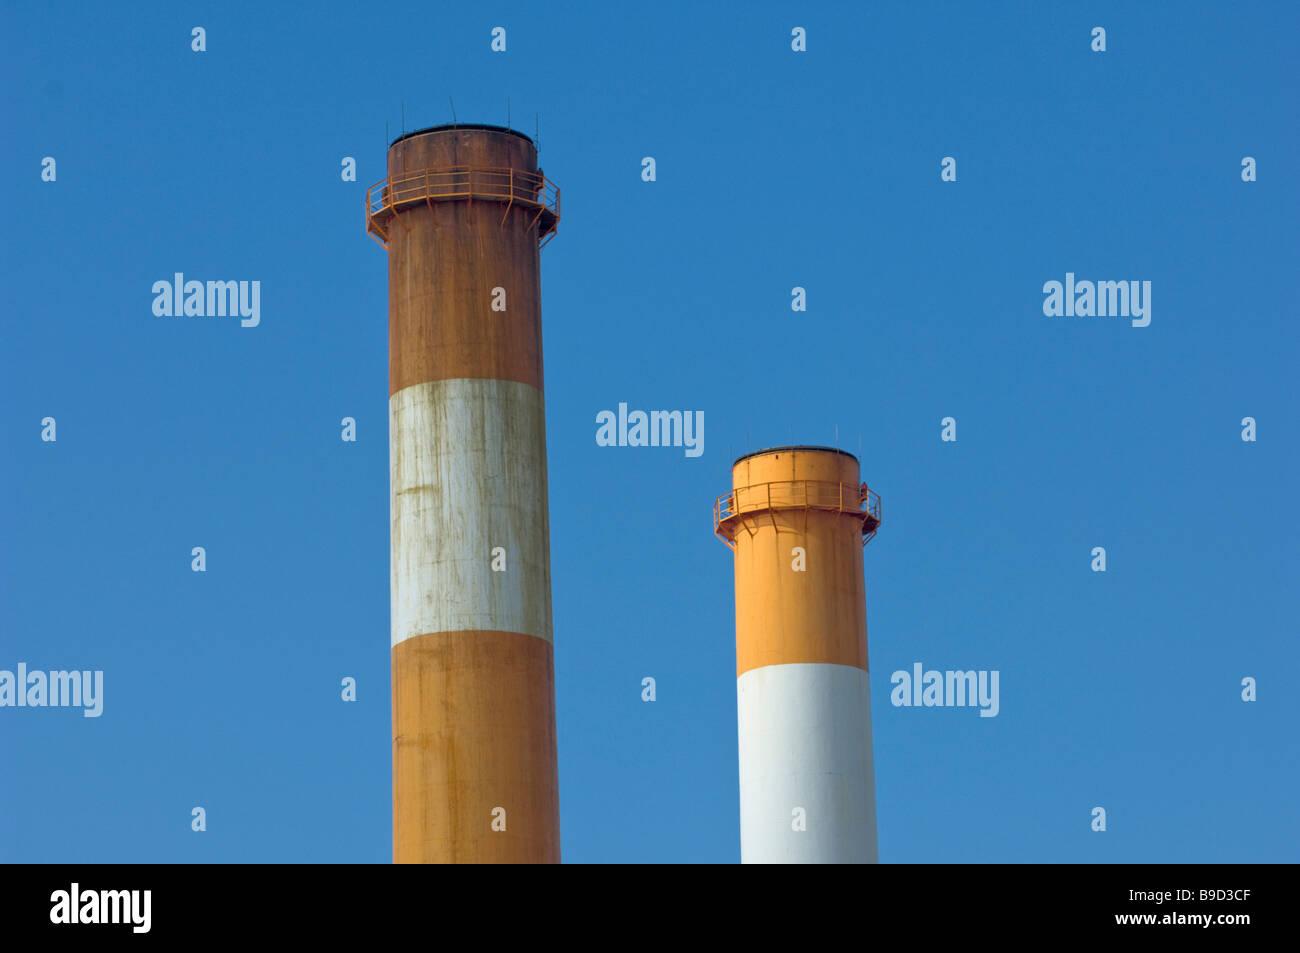 Schornstein Luft Qualität Verschmutzung Himmel sauber schmutzig Stockbild